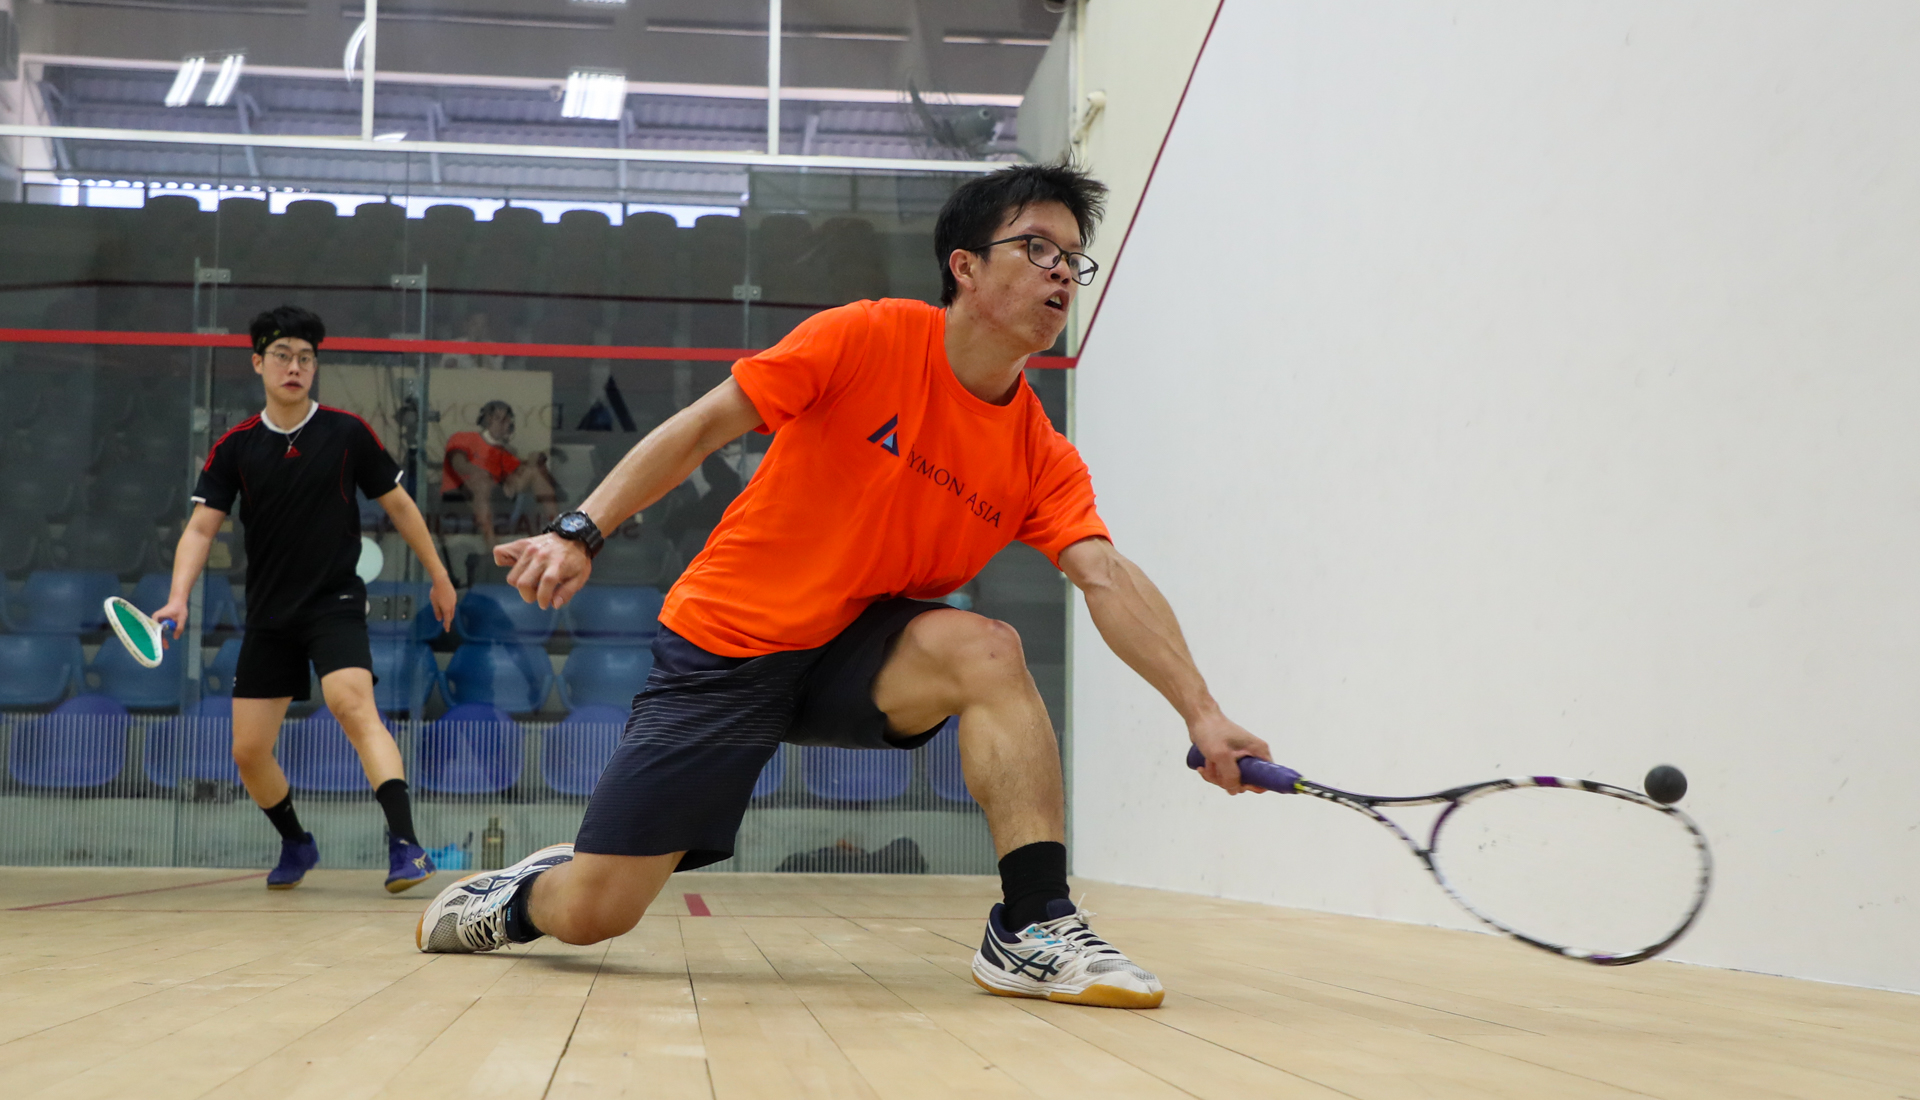 SGCircuit 1 - Jia Shen(r)-Hua Wang